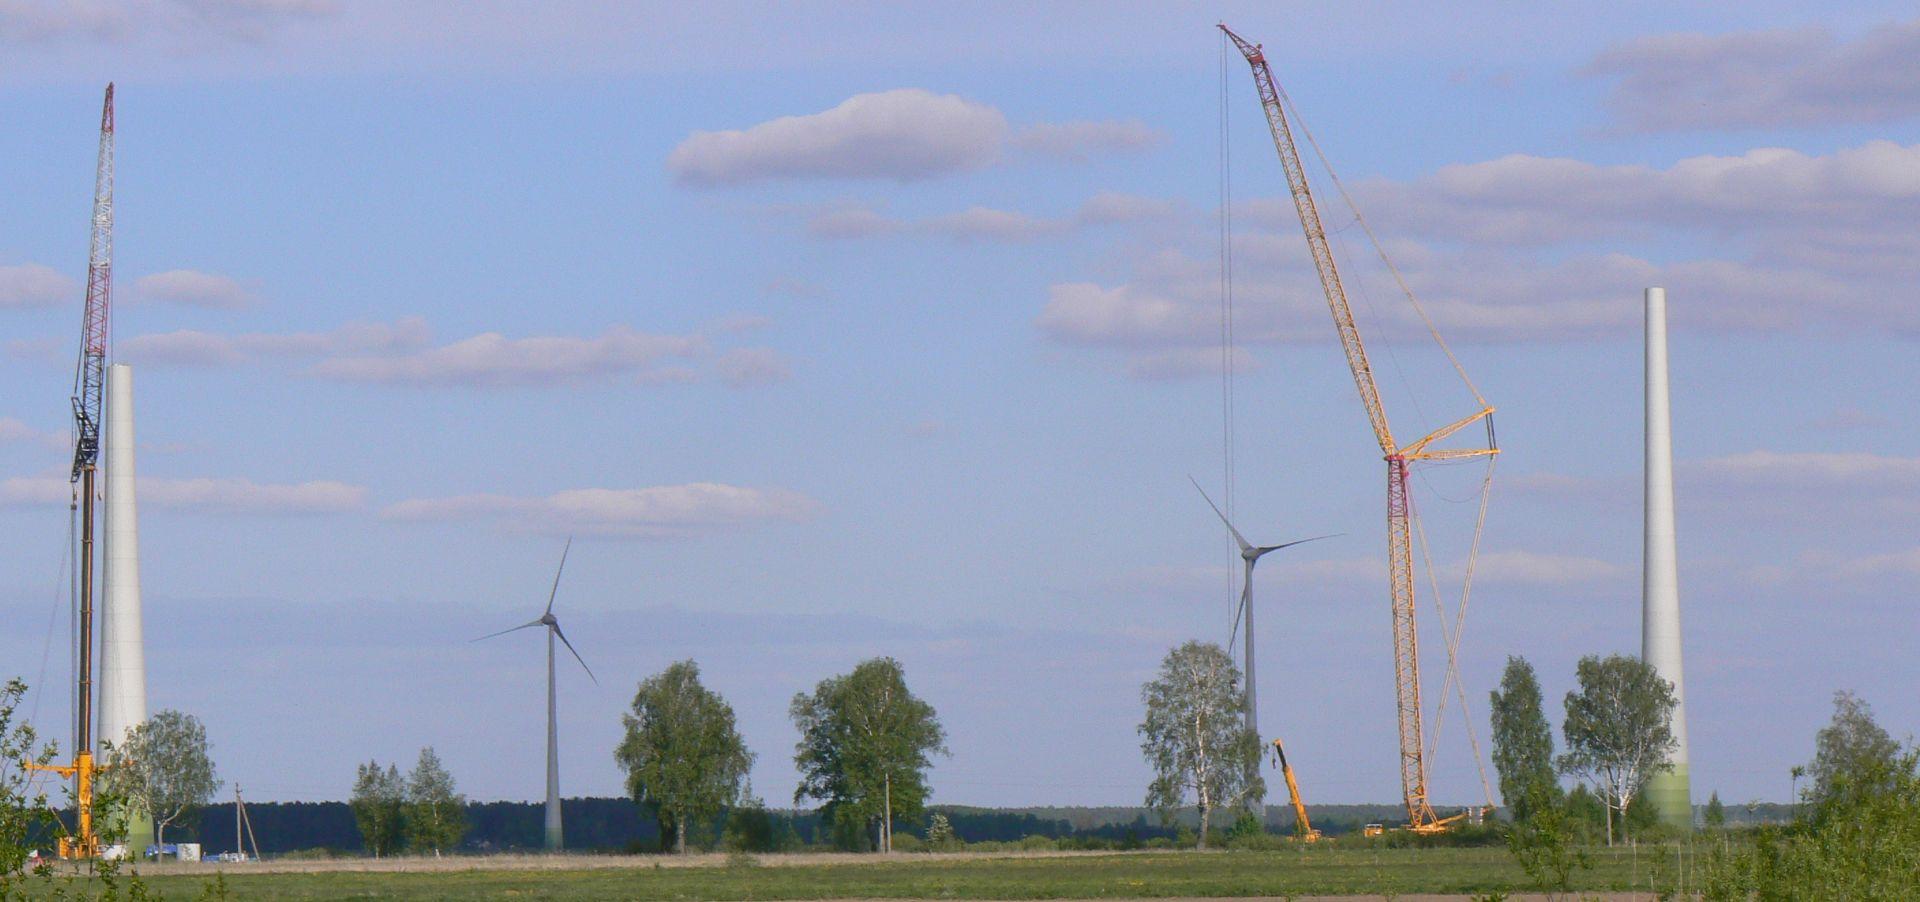 Wind power plant under construction near Vilkyčiai, Lithuania